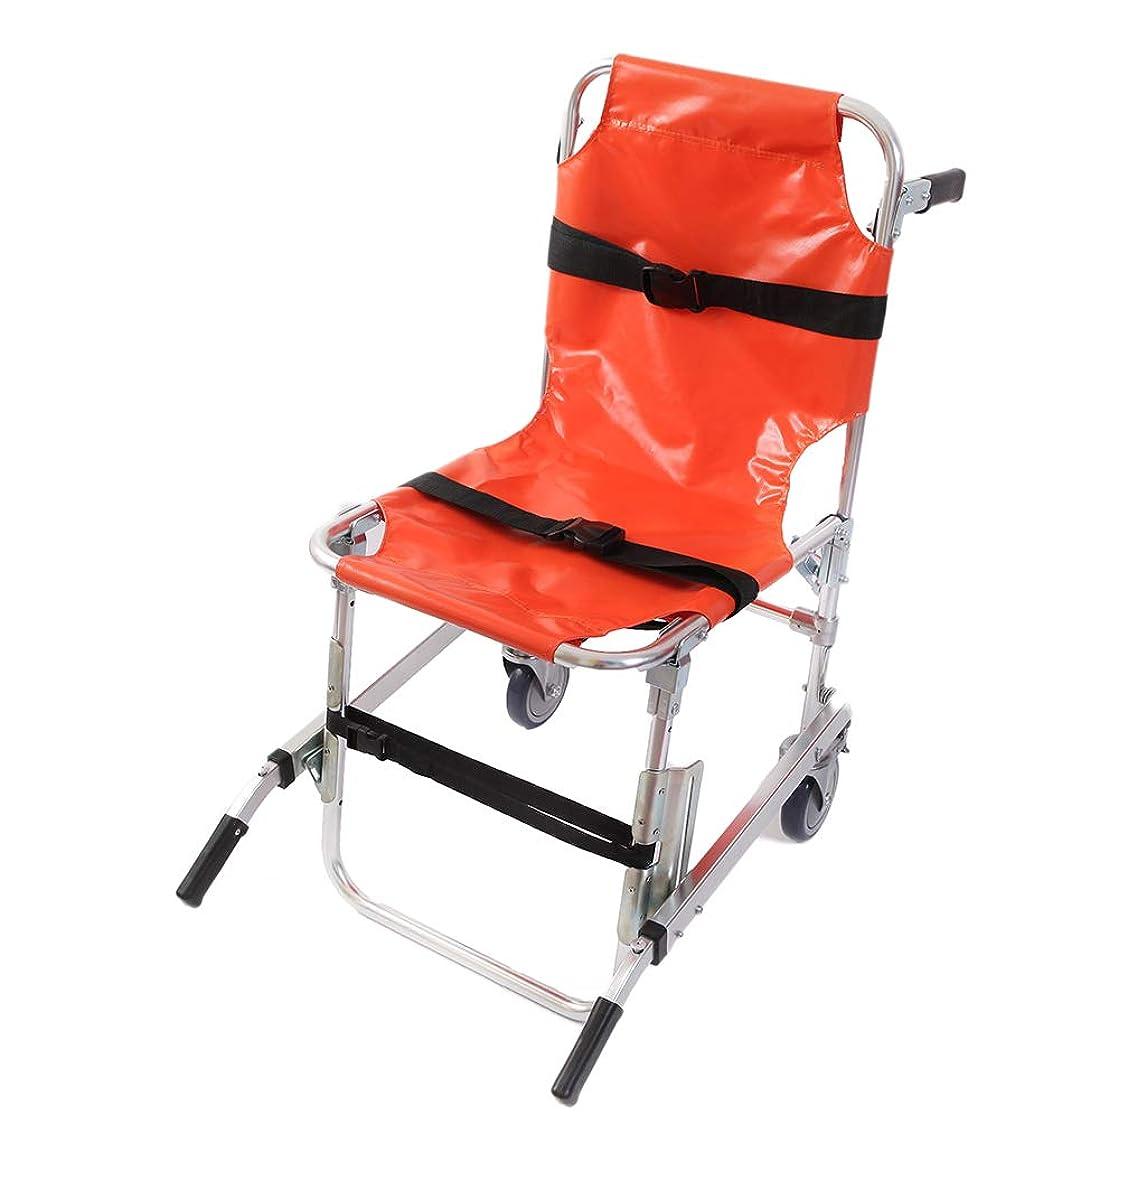 侵入ドック伝記EMS階段椅子、アルミニウムの軽量2クイックリリースバックル付きリフト付き医療輸送椅子